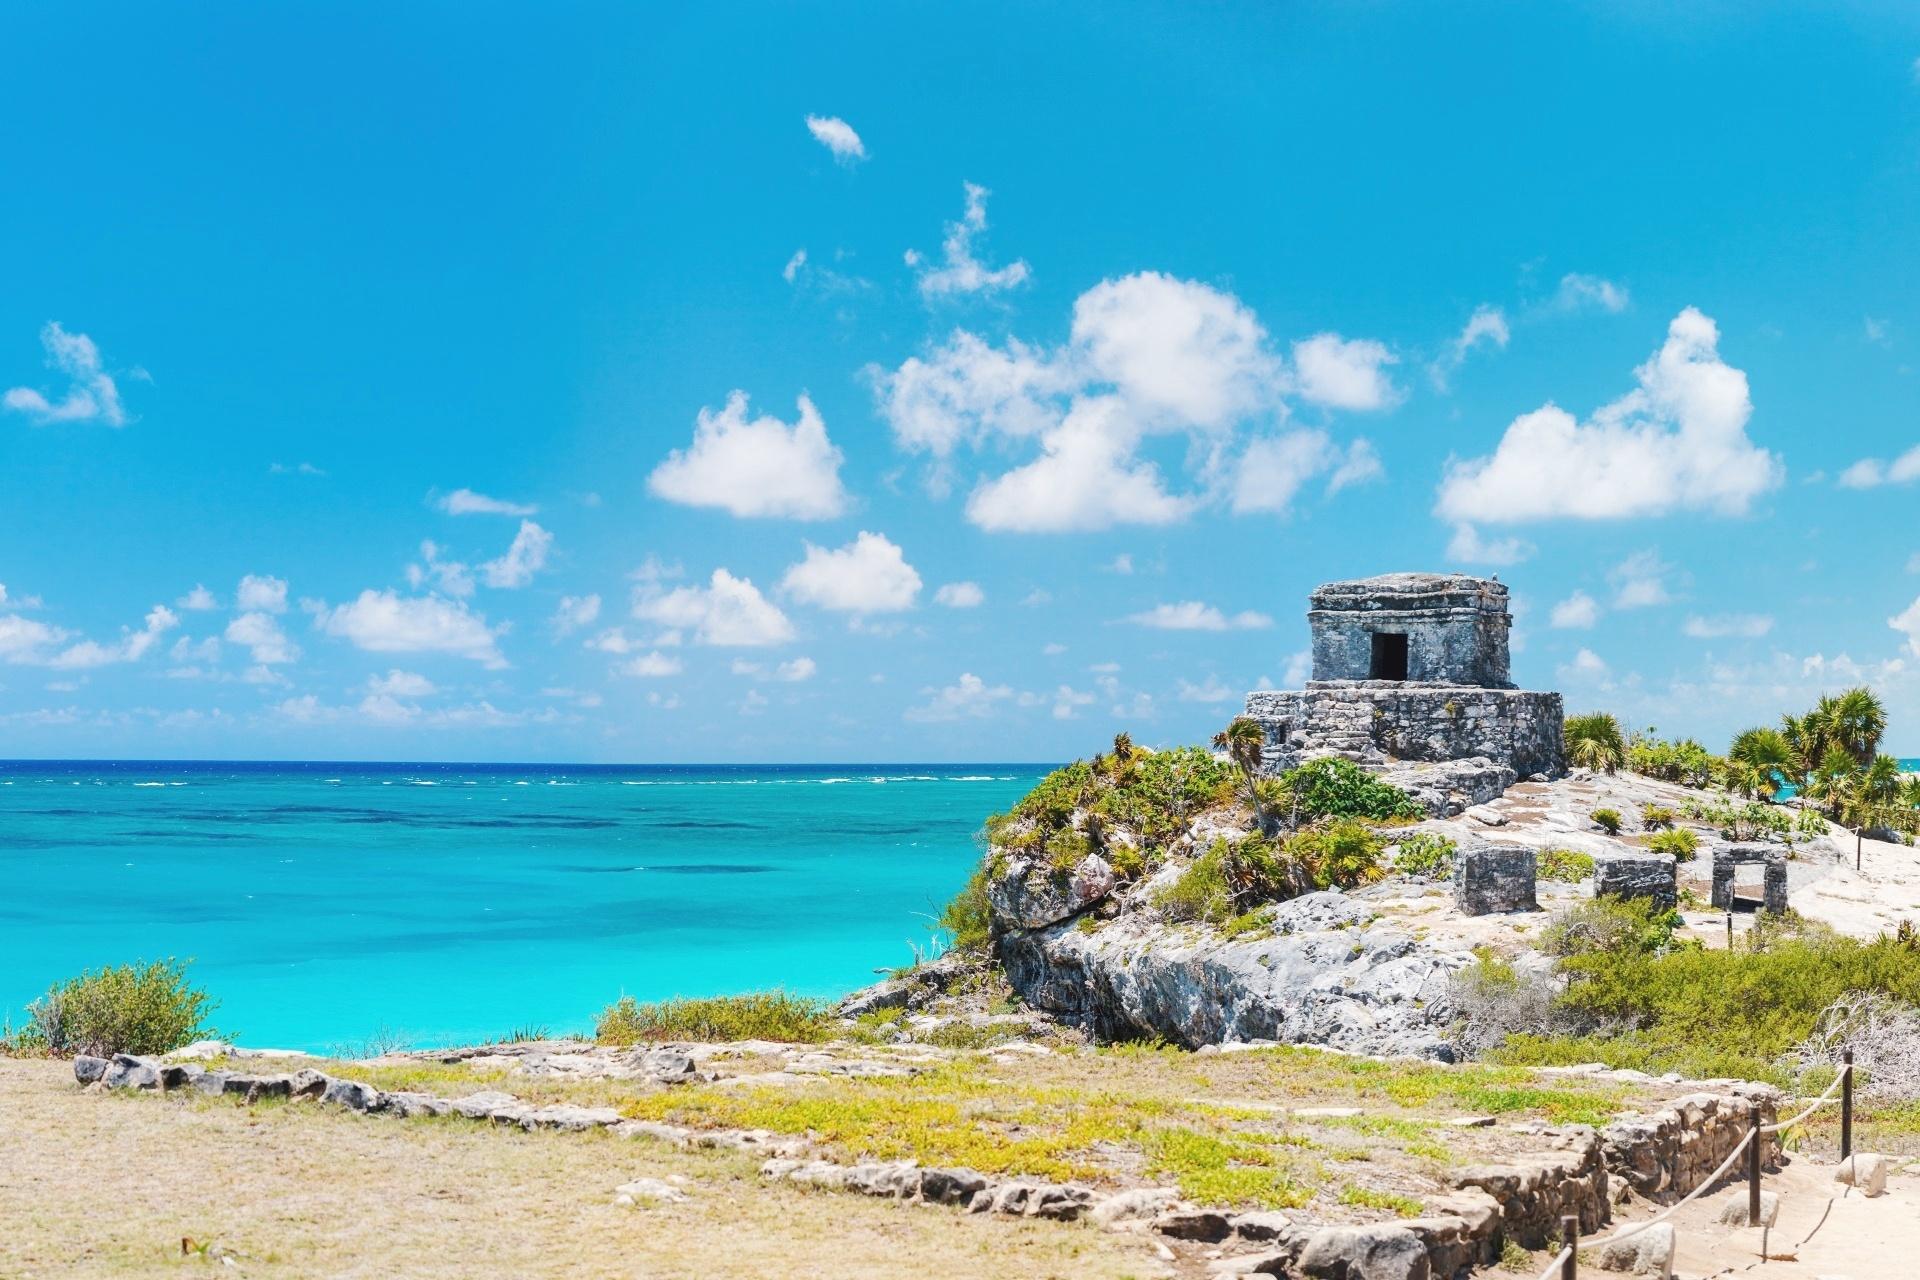 メキシコのトゥルムにあるマヤ遺跡と美しいカリブ海岸